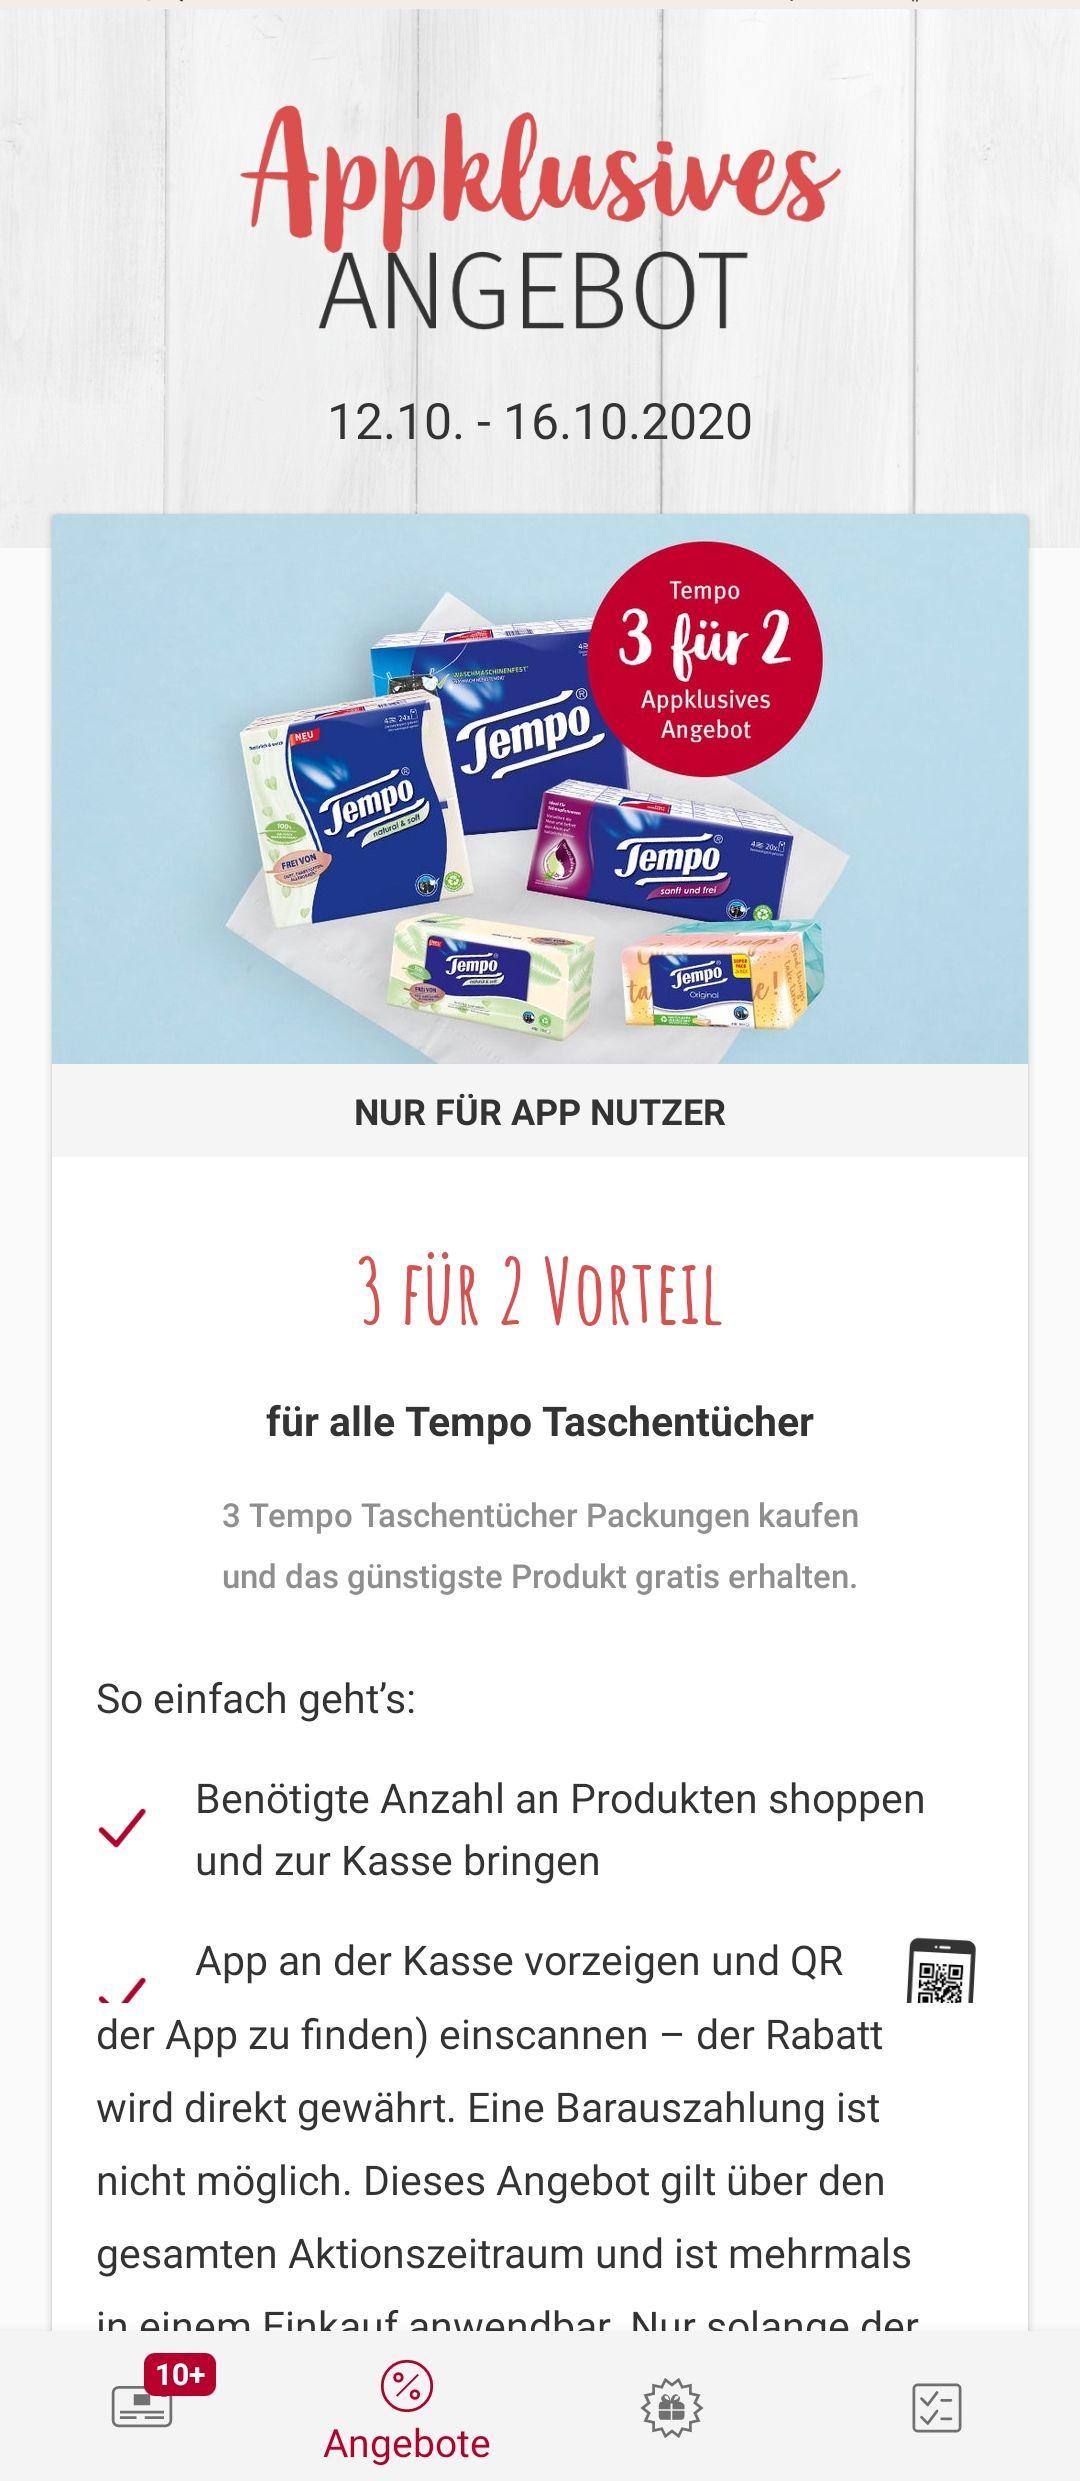 [Rossmann offline] 3 für 2 auf alle Tempo Taschentücher + 10% App Gutschein